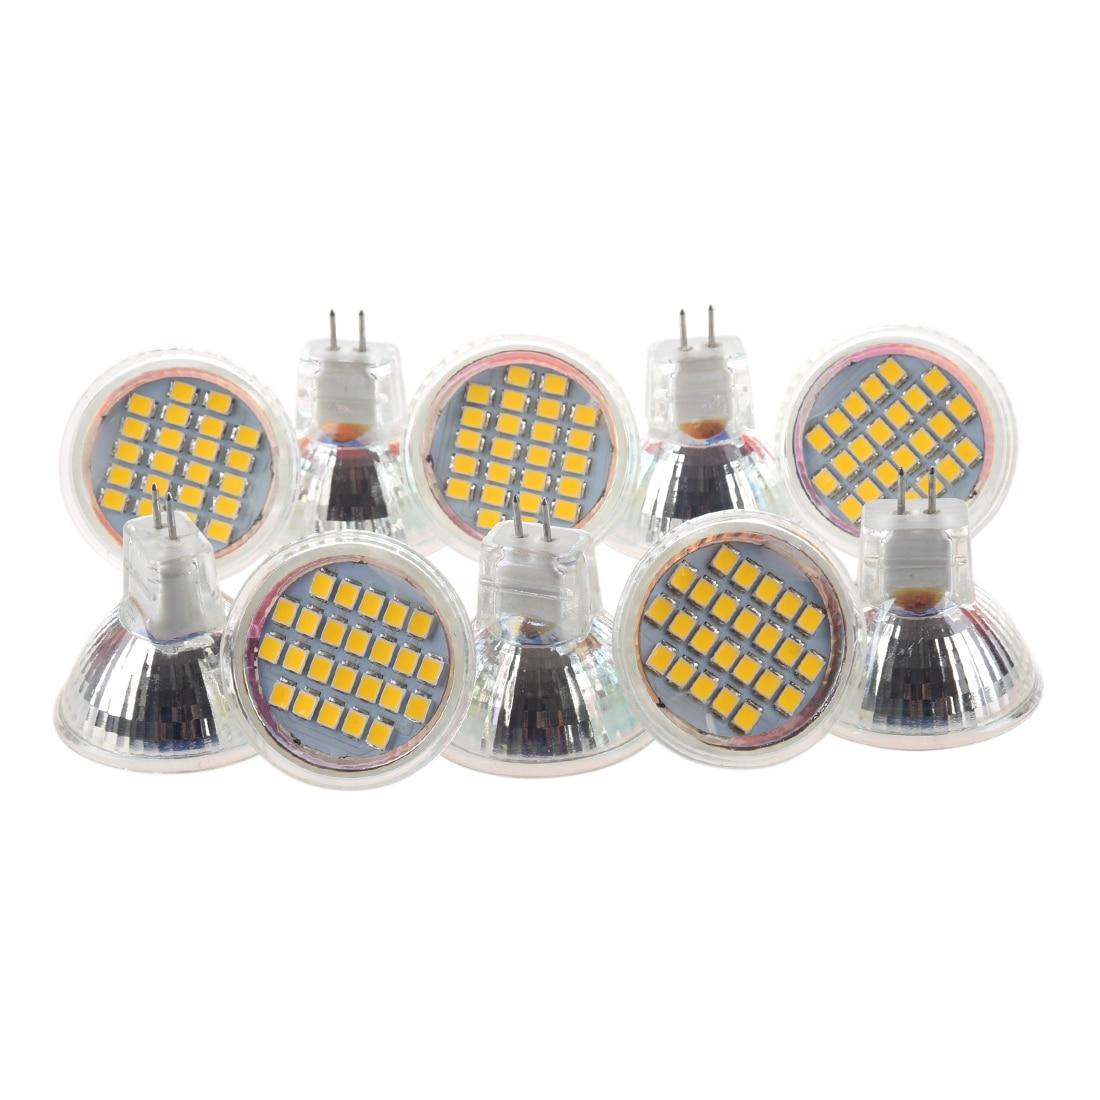 CSS 10pcs MR11 GU4 Warm White 3528 SMD 24 LED Home Spotlight Light Lamp Bulb 1W 12V honsco e10 1w 3000k 70lm 5050 smd led warm white light screw bulb for diy pair 12v